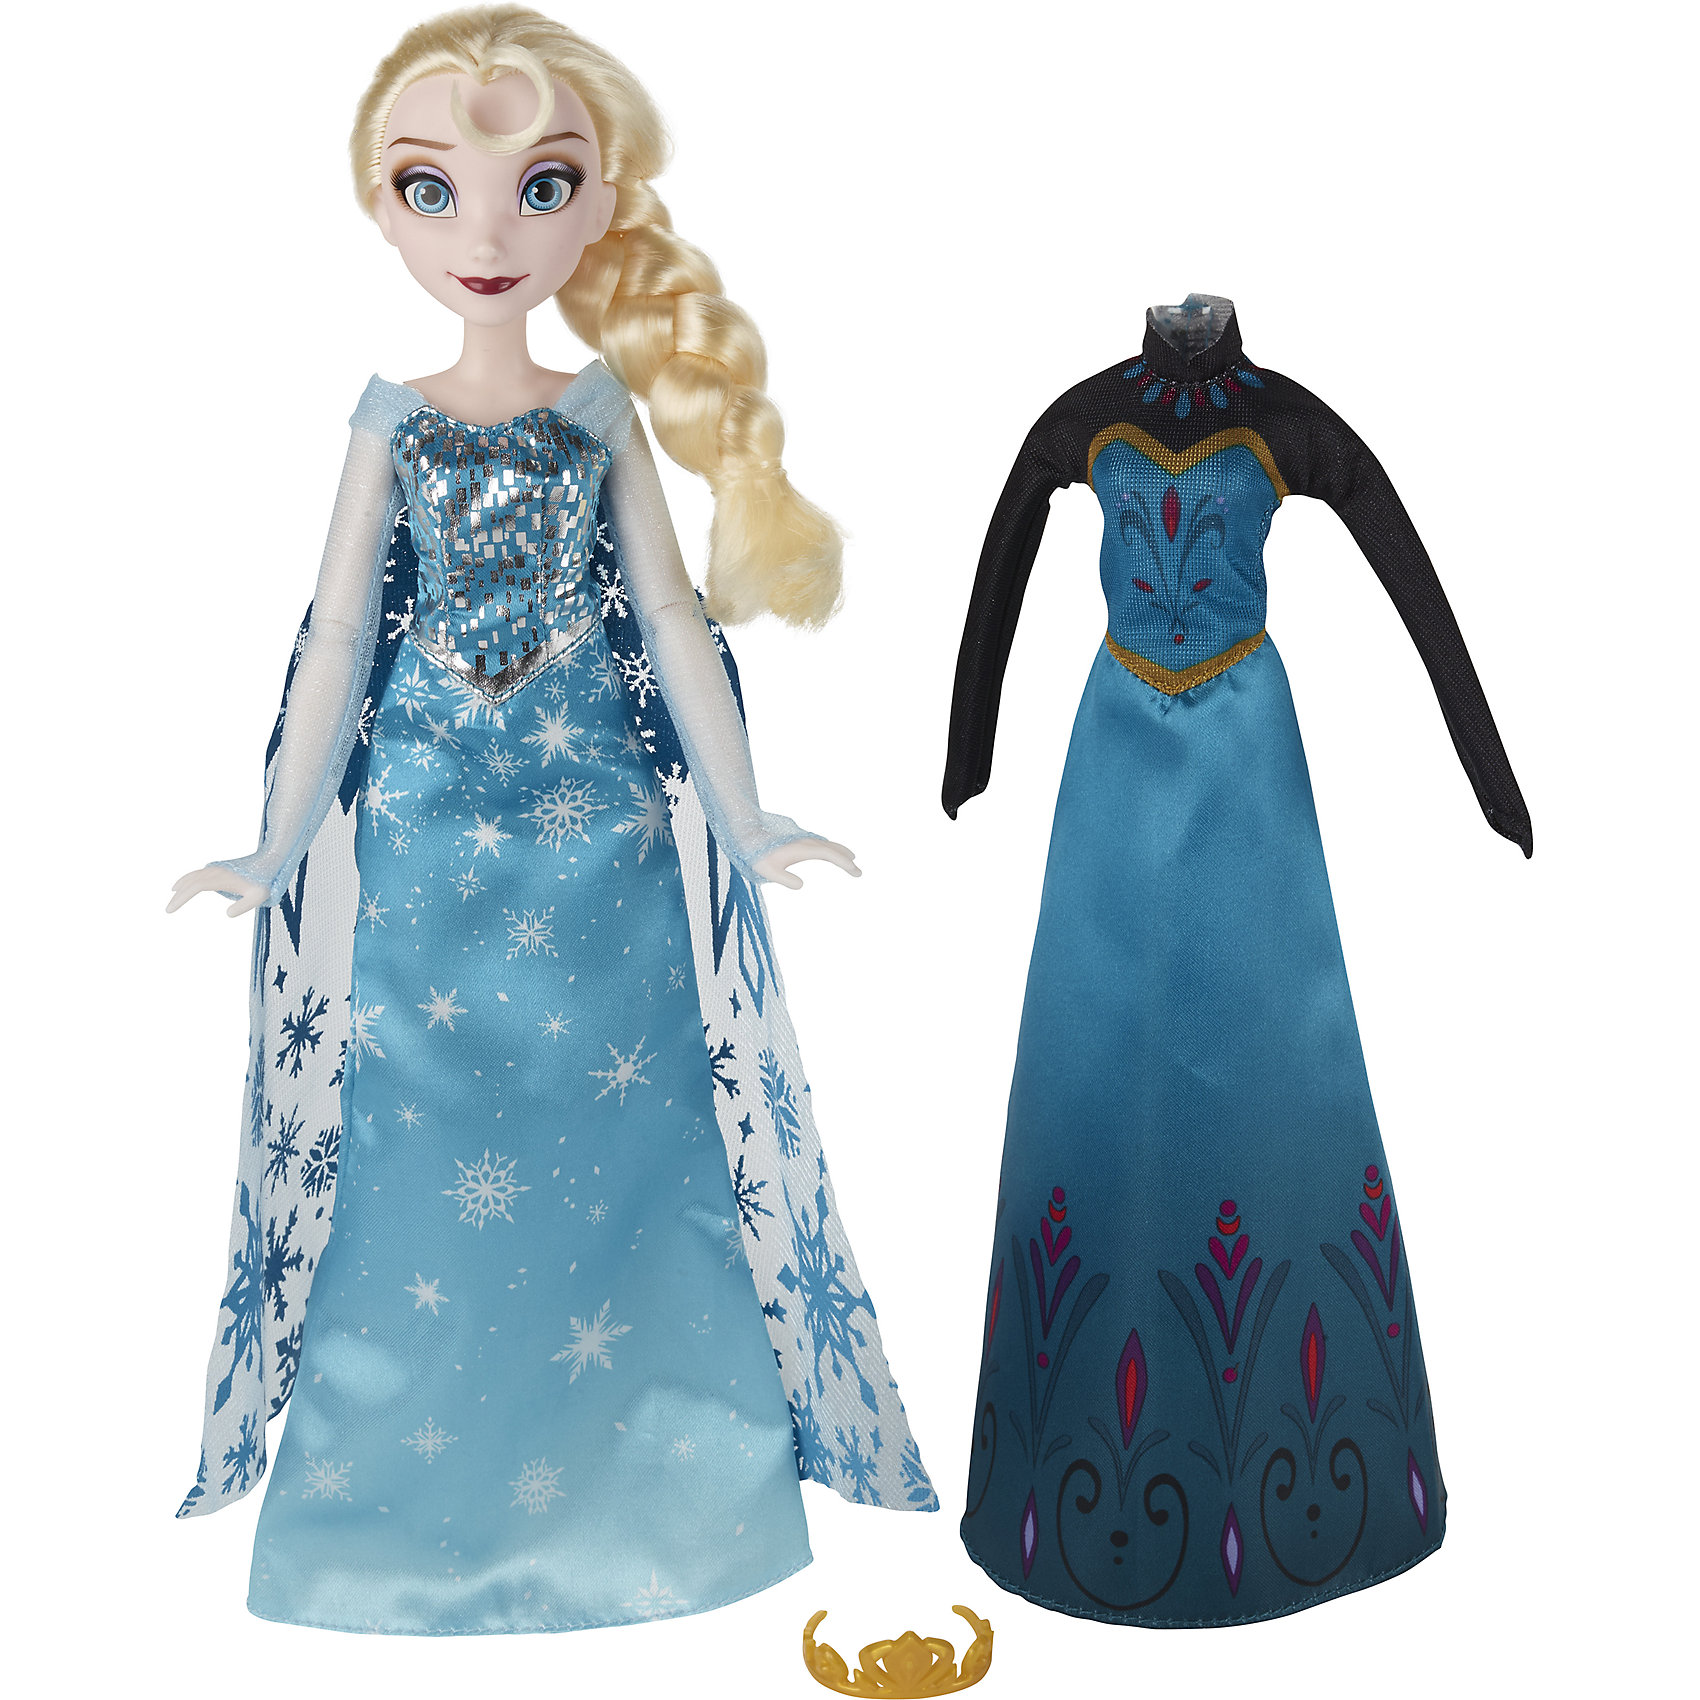 Hasbro Кукла Эльза, со сменным нарядом, Холодное сердце hasbro модная кукла принцесса в юбке с проявляющимся принтом принцессы дисней b5295 b5299